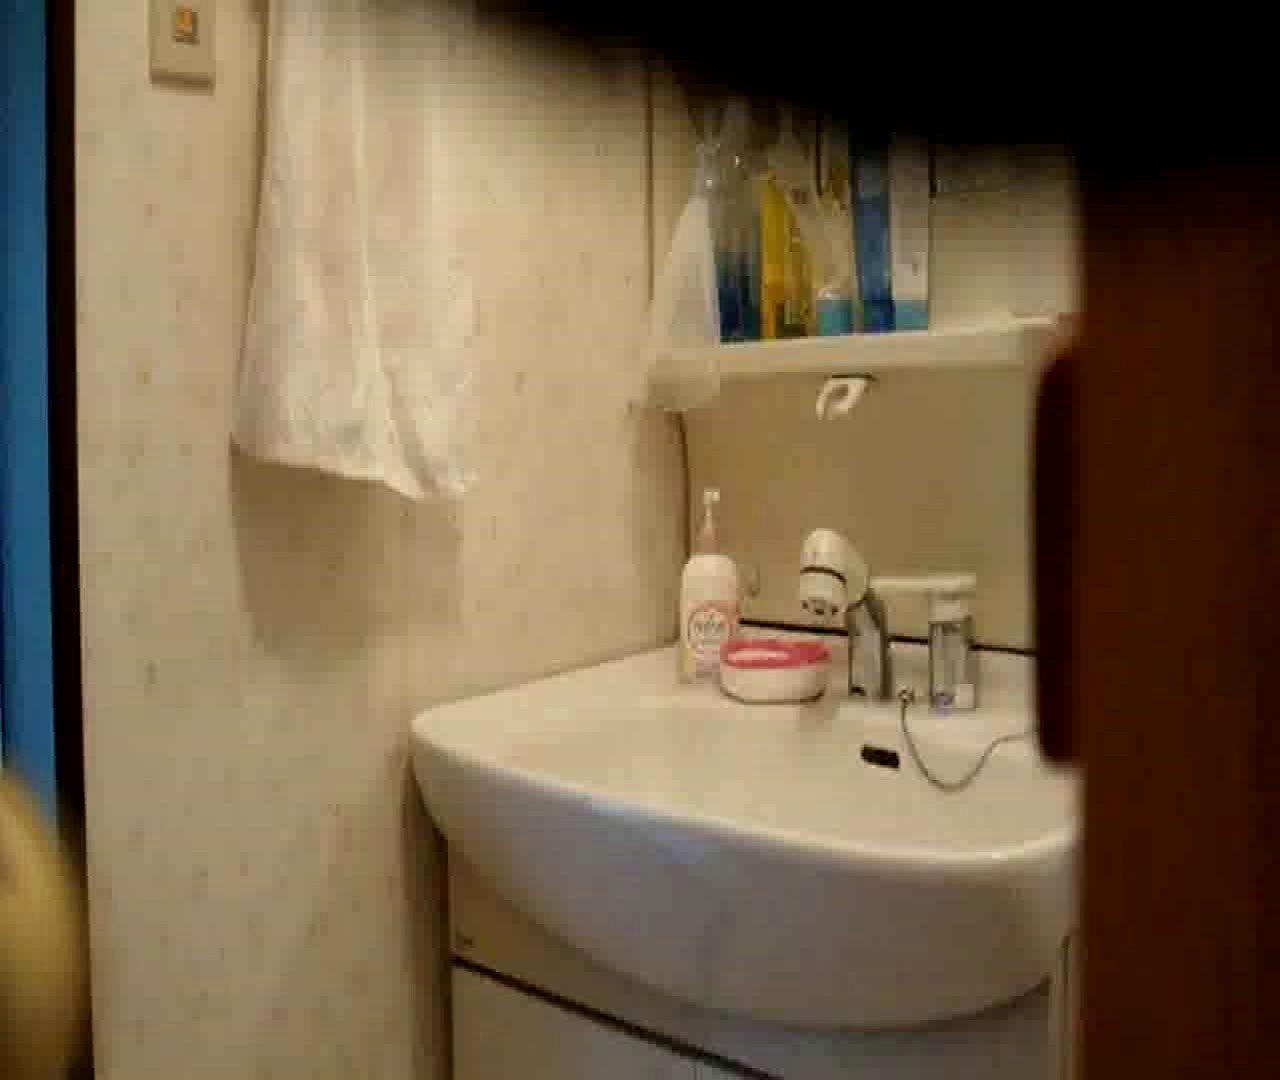 二人とも育てた甲斐がありました… vol.05 まどかが洗顔後にブラを洗濯 盗撮シリーズ  79PIX 50